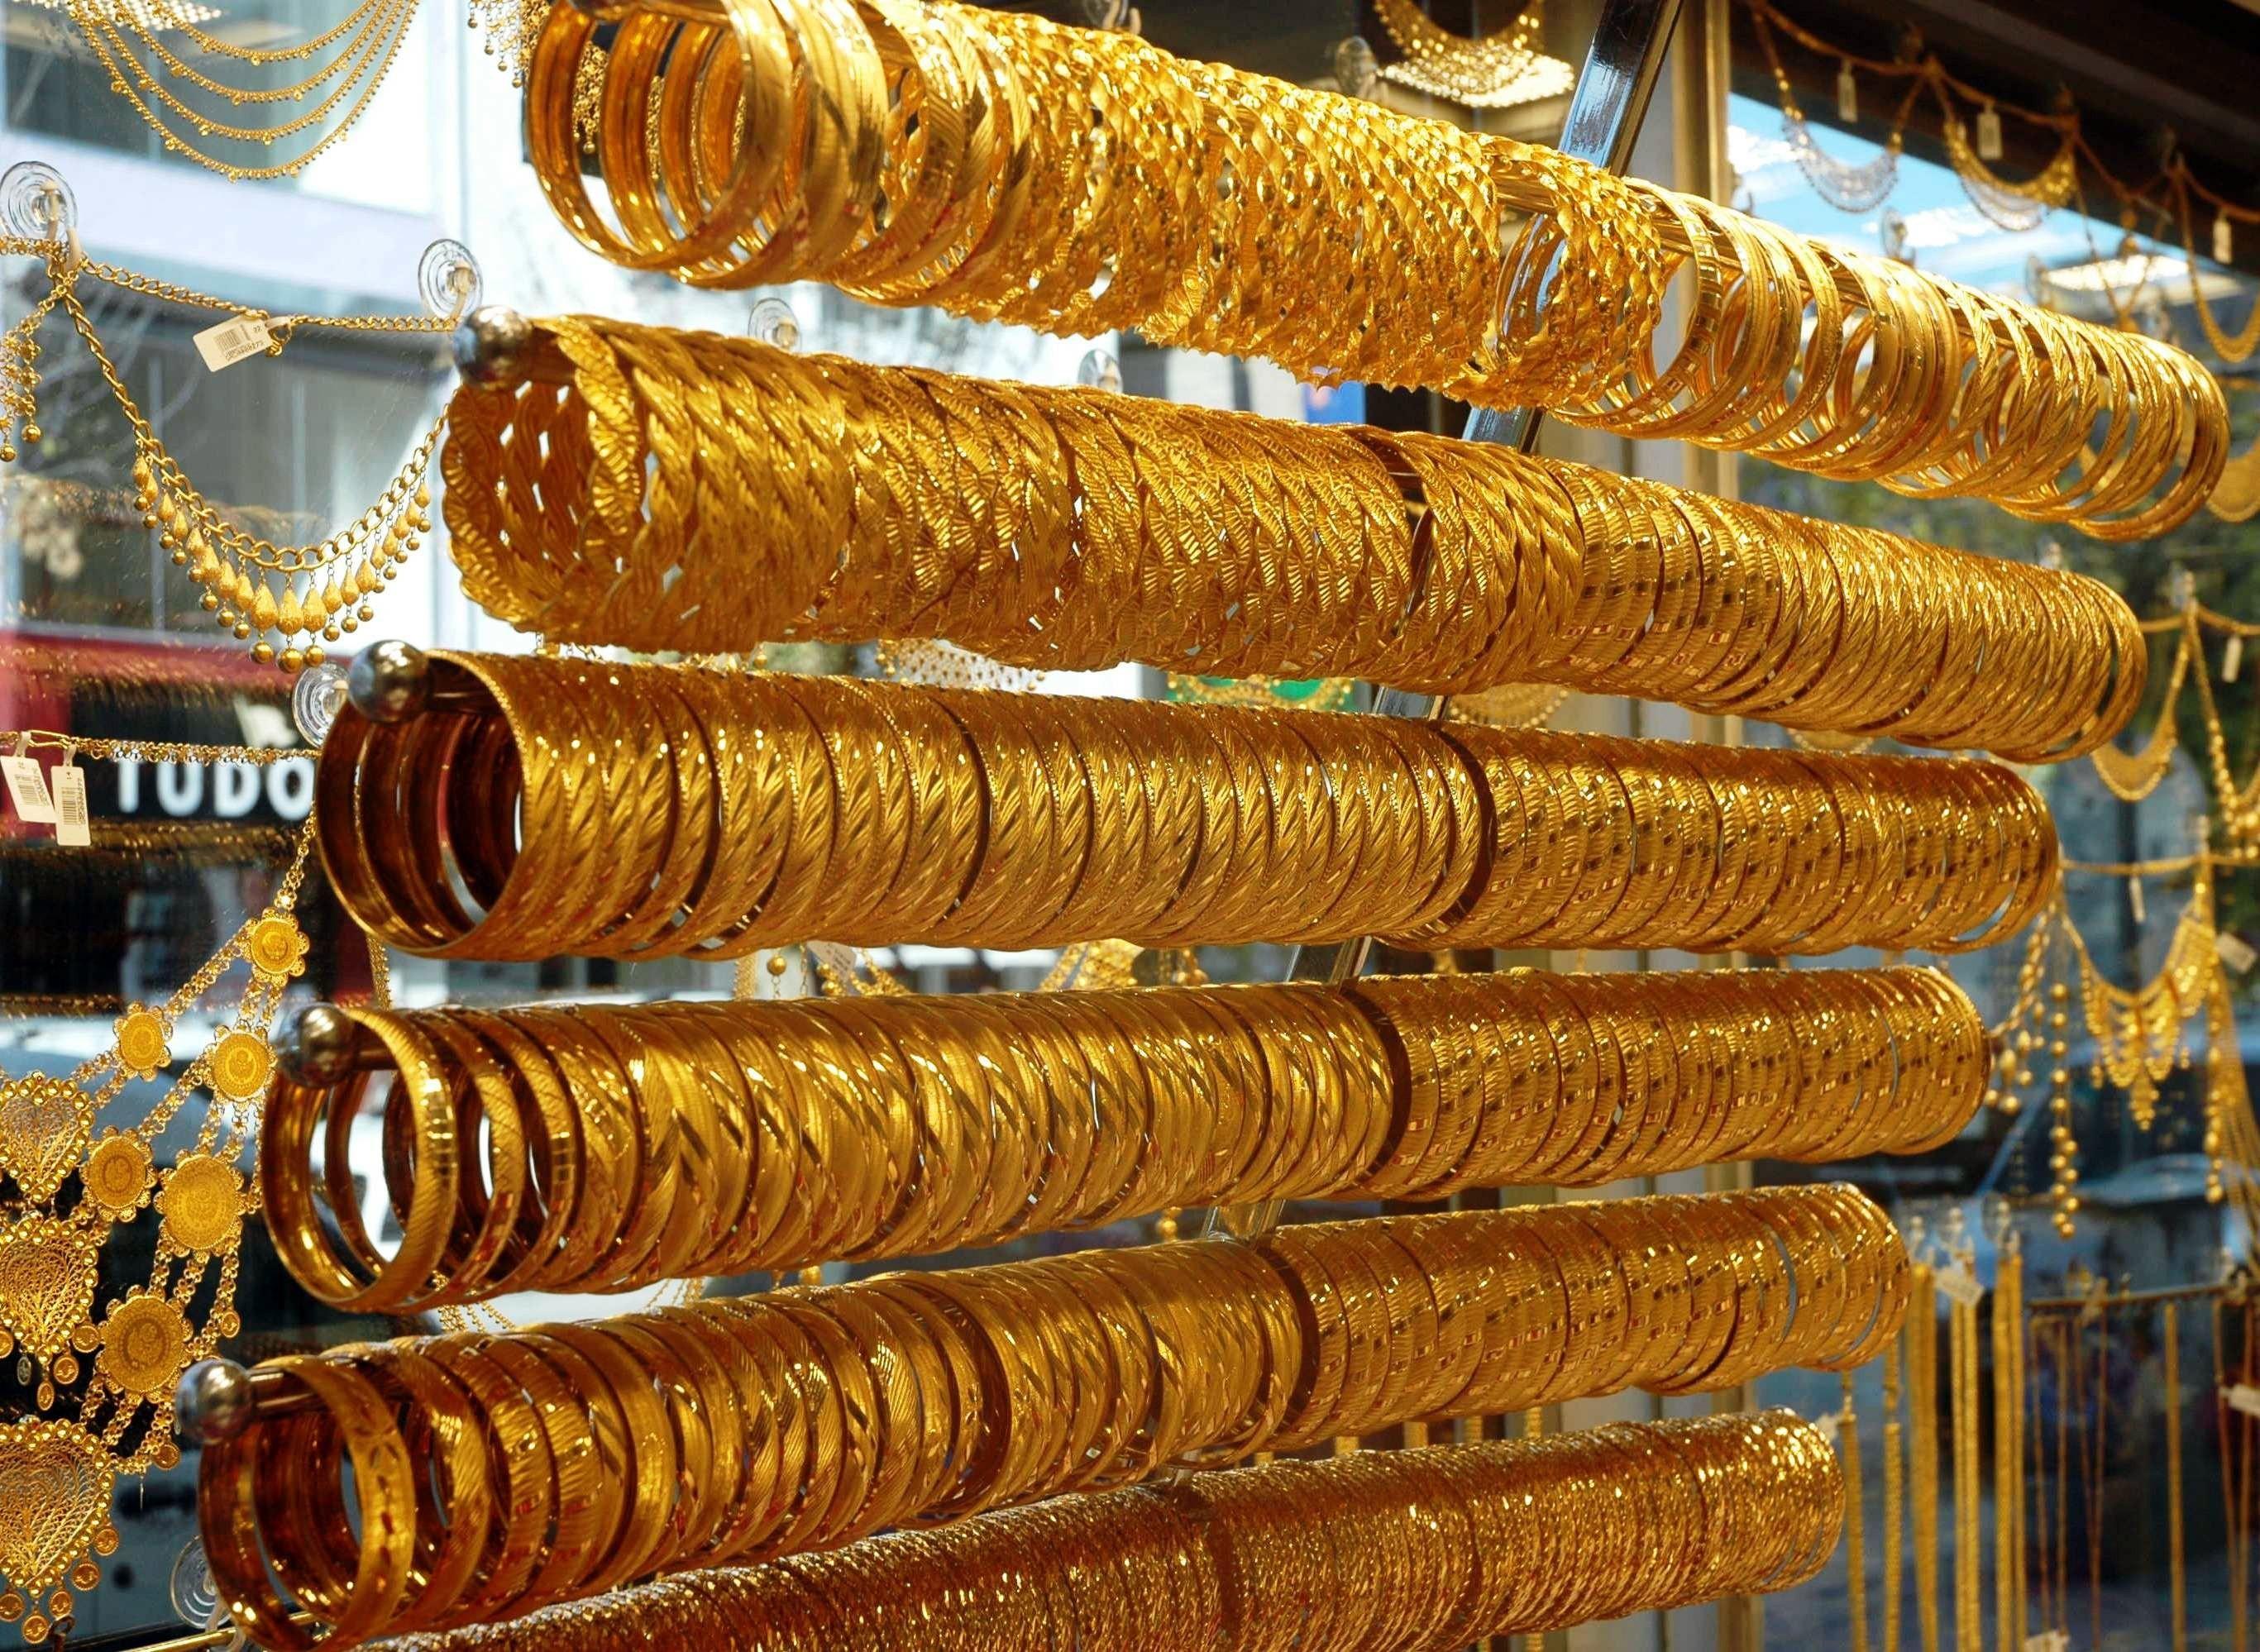 <p>Serbest piyasada 24 ayar külçe altının gram satış fiyatı 447,60 lira oldu.<br /><br /></p> <p>İstanbul Kapalıçarşı'da 447,40 liradan alınan 24 Ayar Külçe Altın (Gr.) 447,60 liradan, 2 bin 948 liradan alınan Cumhuriyet Ata Lira 2 bin 969 liradan, 408 liradan alınan 22 Ayar Bilezik (Gr.) 412 liradan, 2 bin 881 liradan alınan Lira (Tam) Ziynet 2 bin 901 liradan, bin 441 liradan alınan Yarım Ziynet bin 451 liradan ve 720 liradan alınan Çeyrek Ziynet 725 liradan satılıyor.</p>